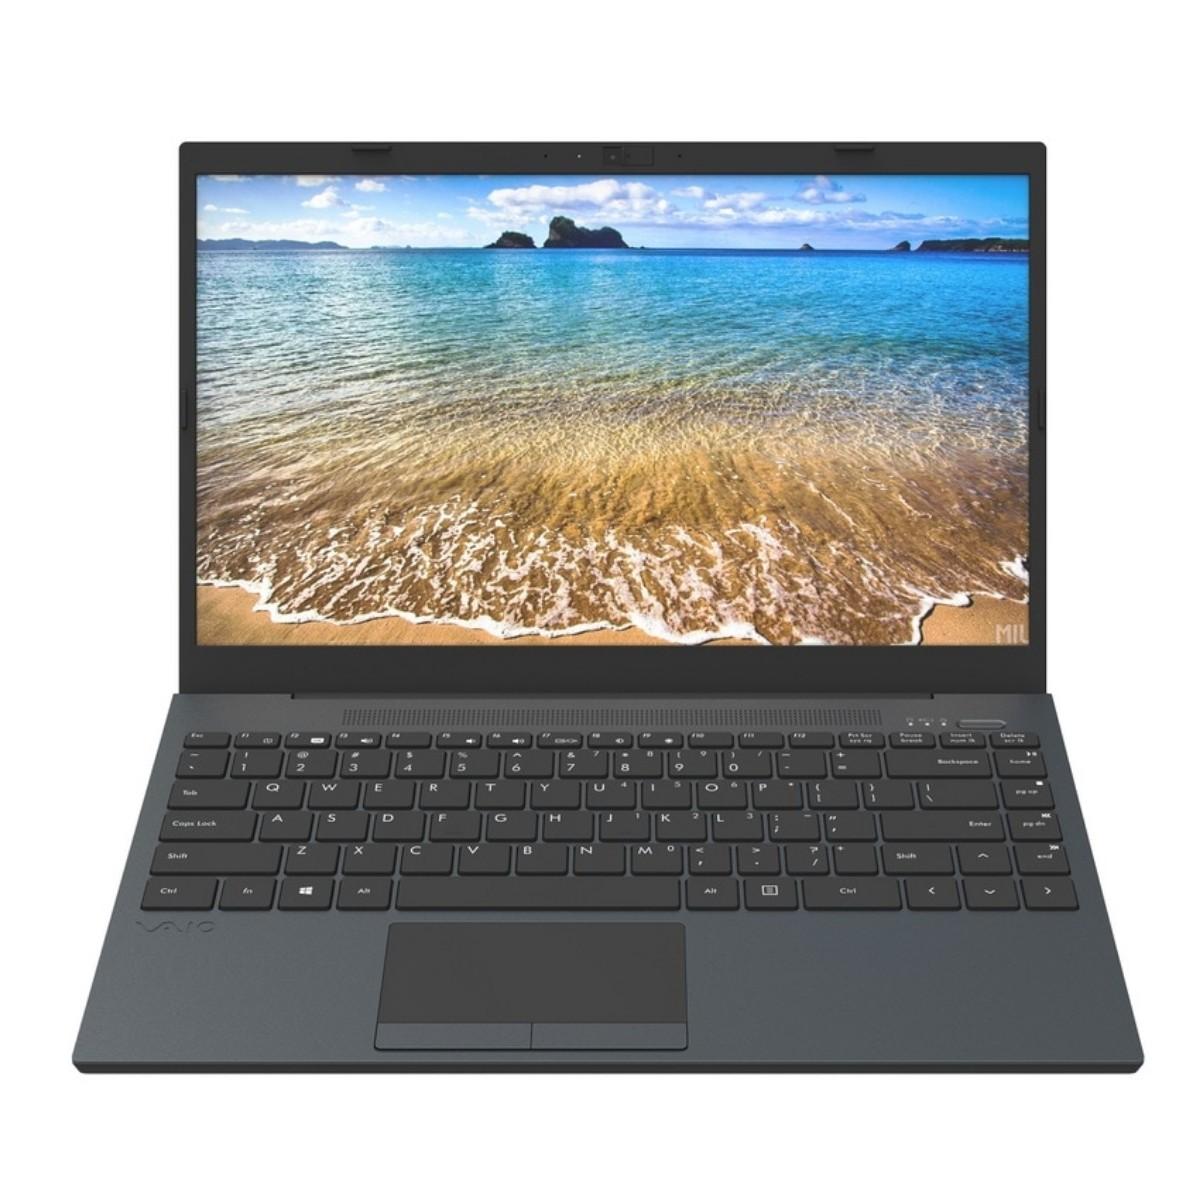 Imagem do Notebook da marca Vaio do Modelo FE14 i5-10210U